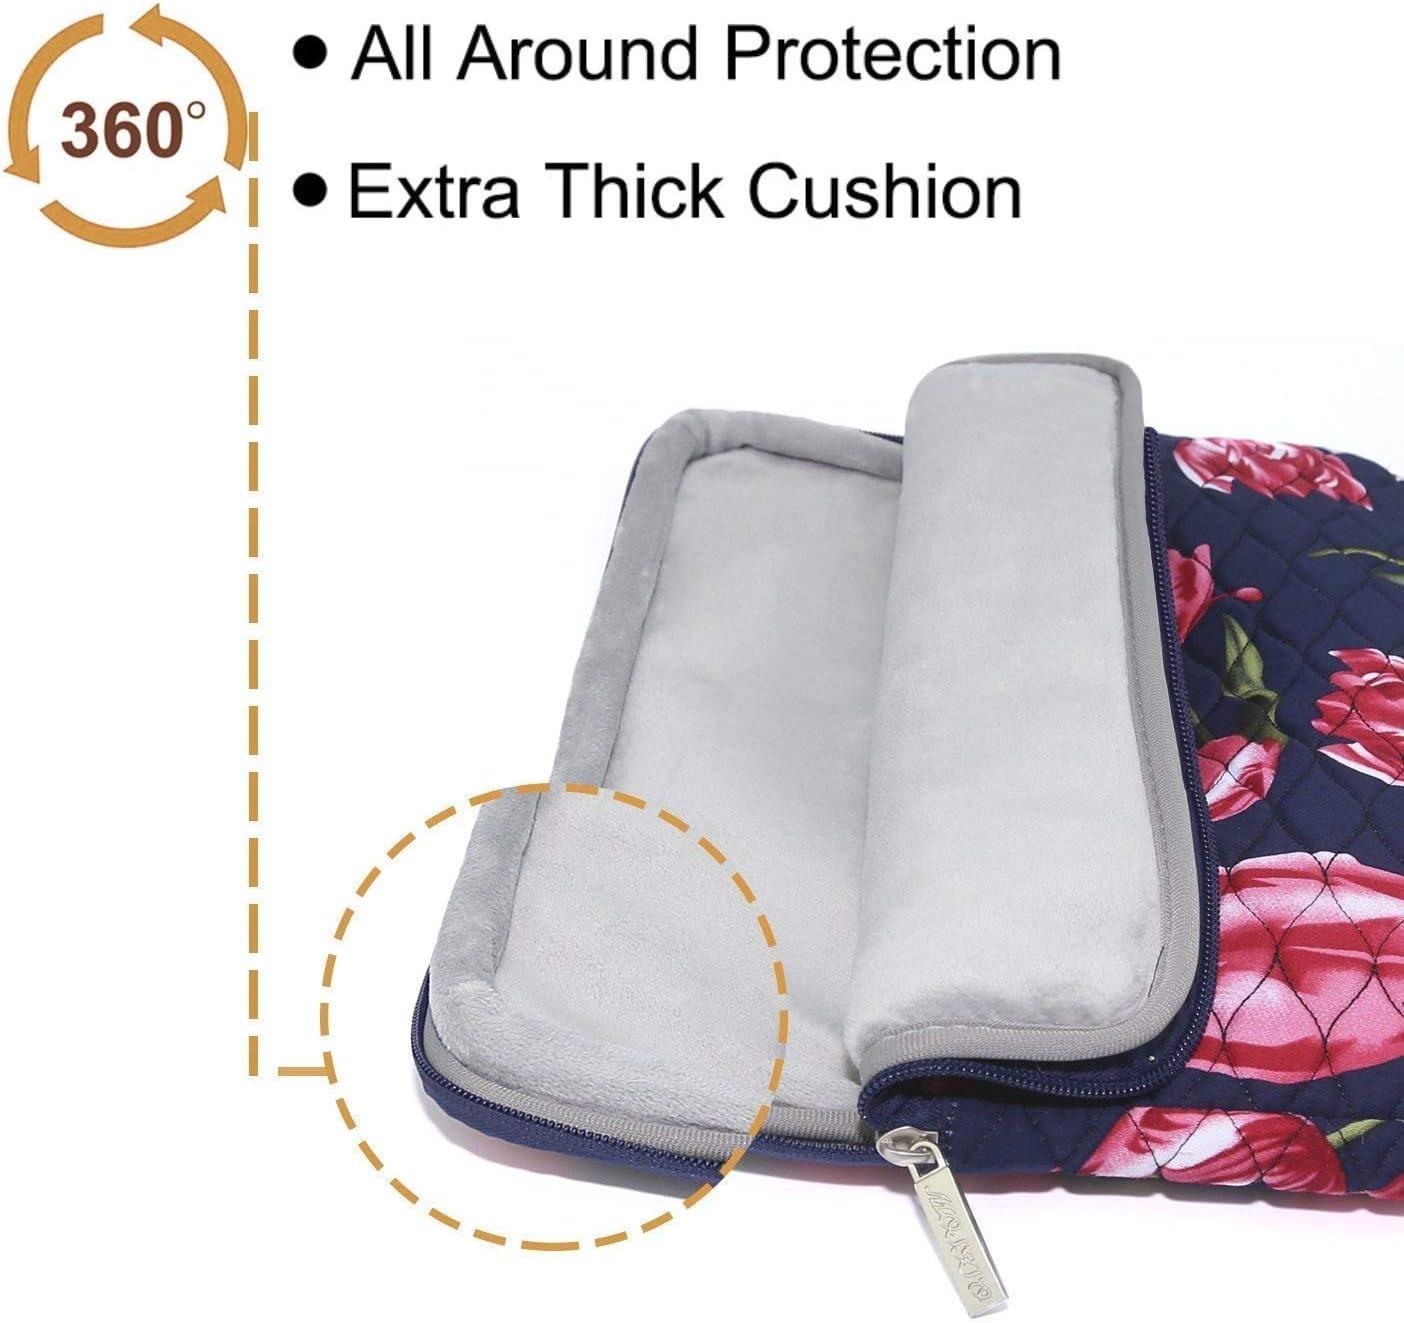 Hydrofuge Toile Antichoc Laptop Sleeve /à Motif dOndulation avec Petite Pochette Notebook MOSISO Housse Compatible avec 13-13,3 Pouces MacBook Pro MacBook Air Tulipe